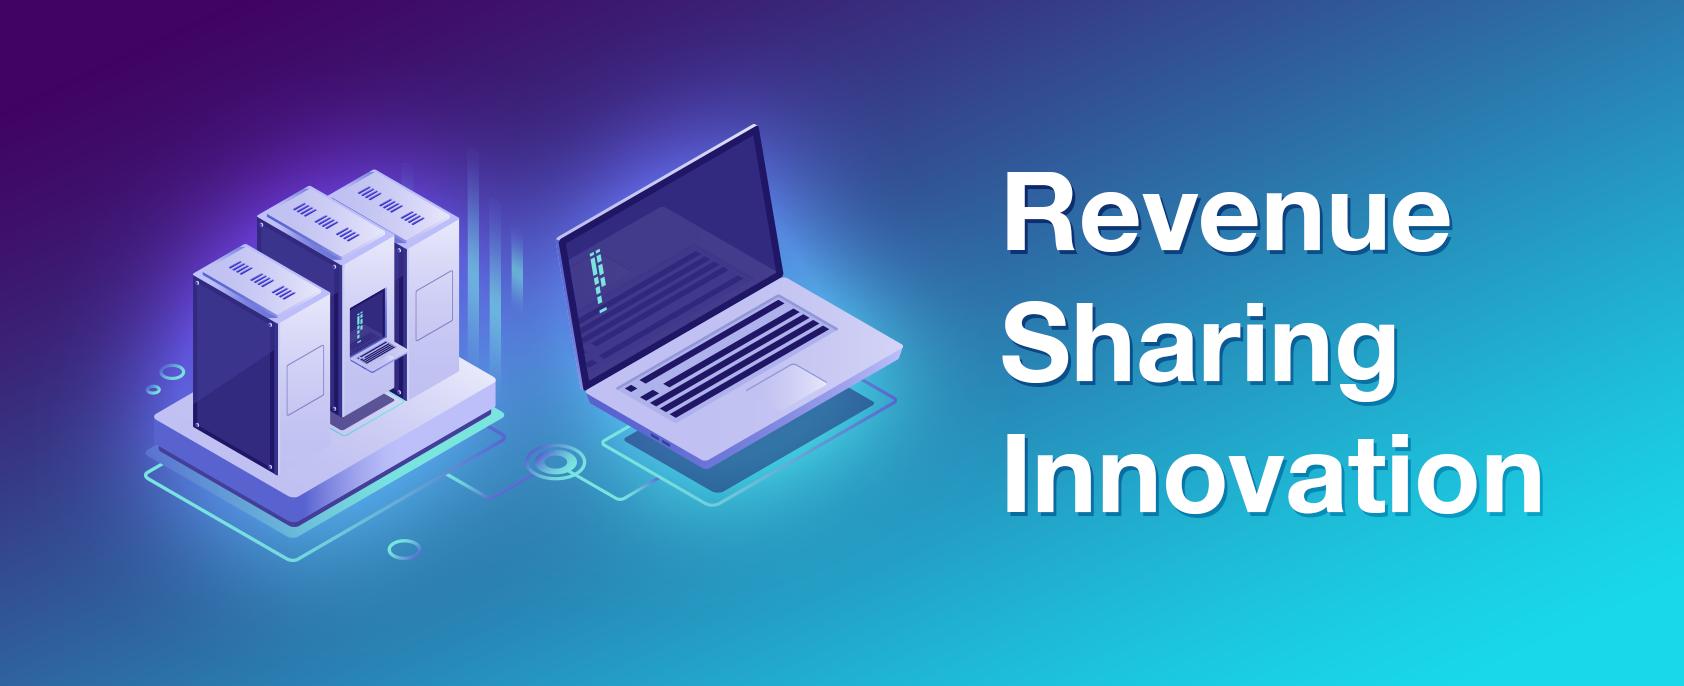 Revenue_Sharing_Innovation